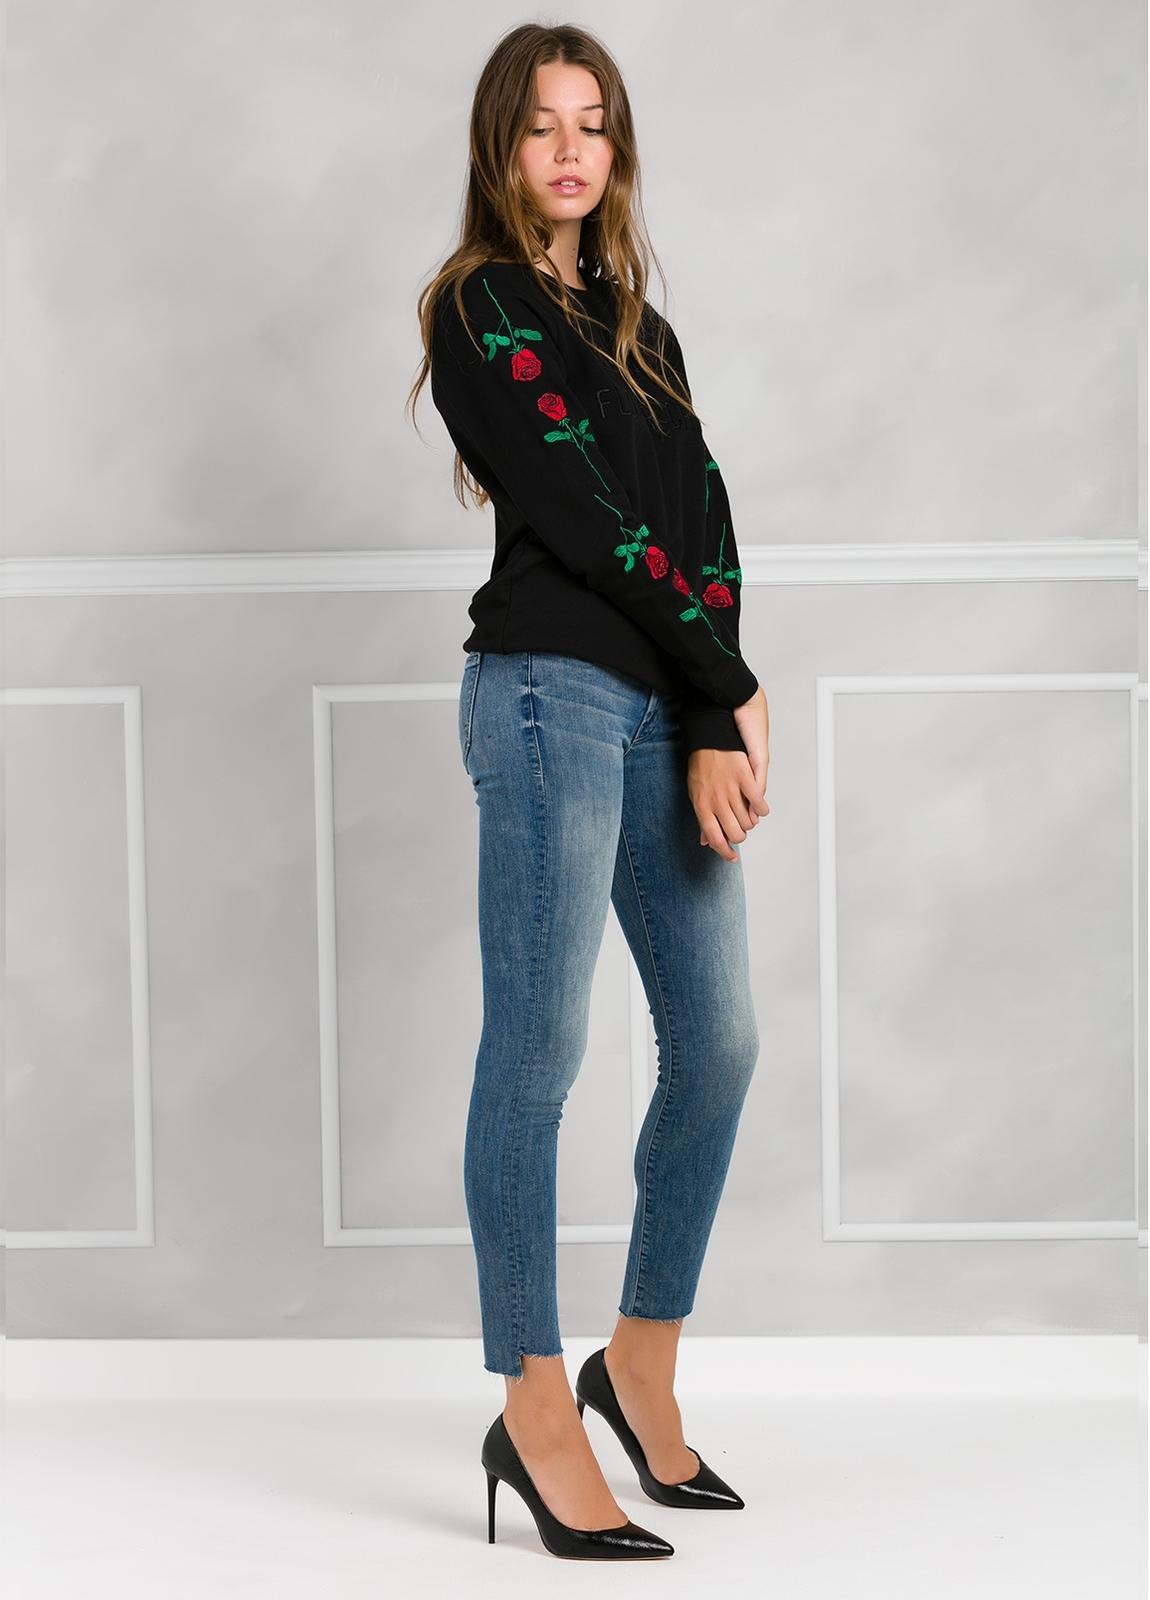 Jersey color negro con rosas bordadas en mangas. 80% Algodón 20% poliester.